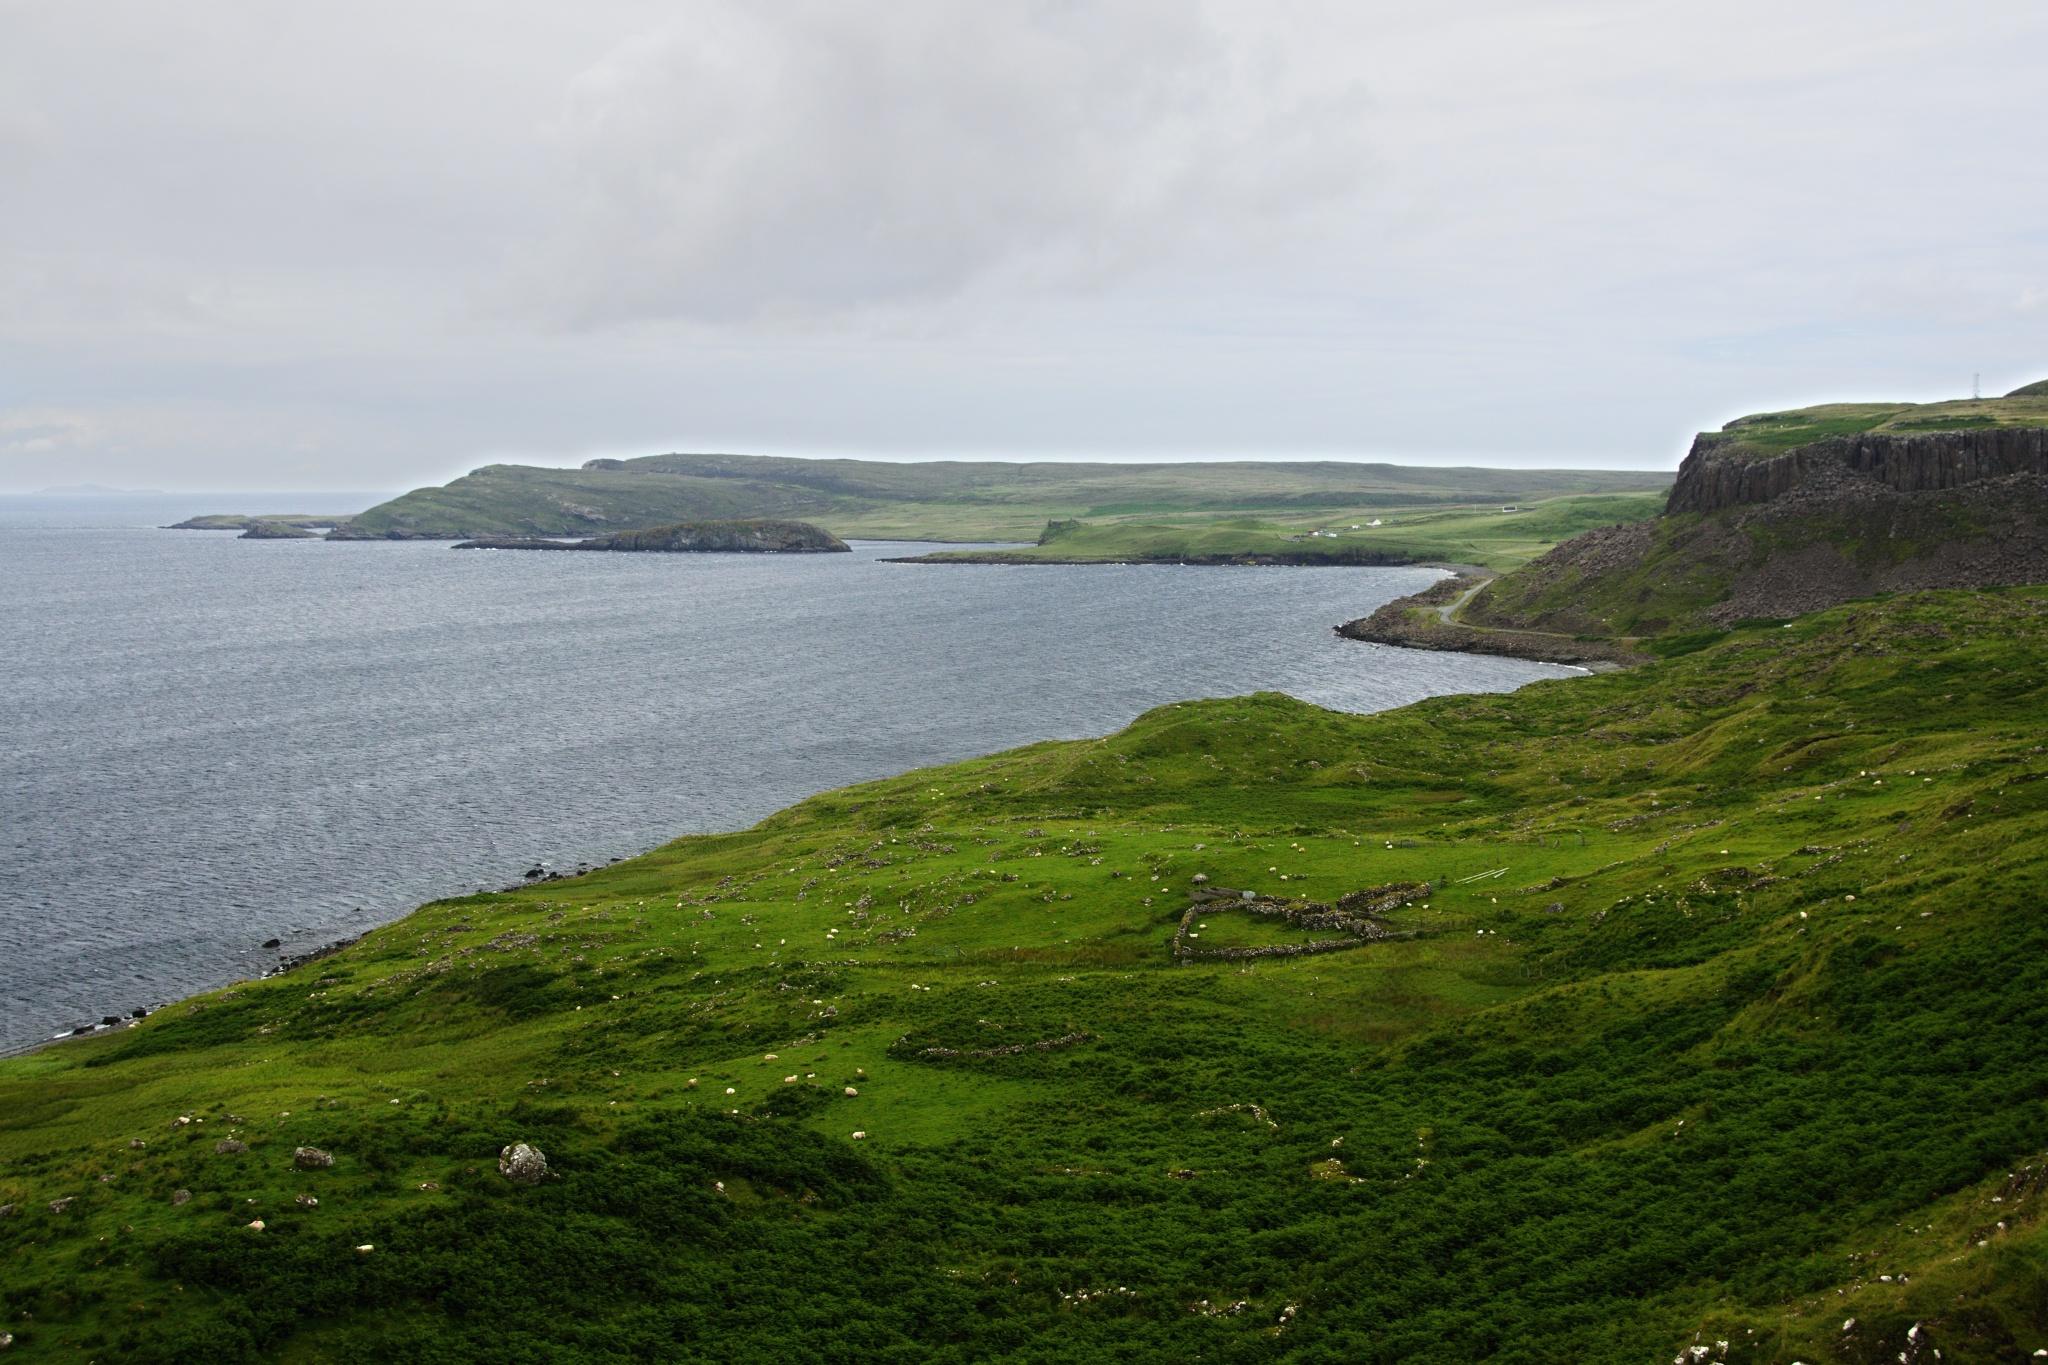 Pohled na zátoku, v dálce je zřícenina hradu Duntulm